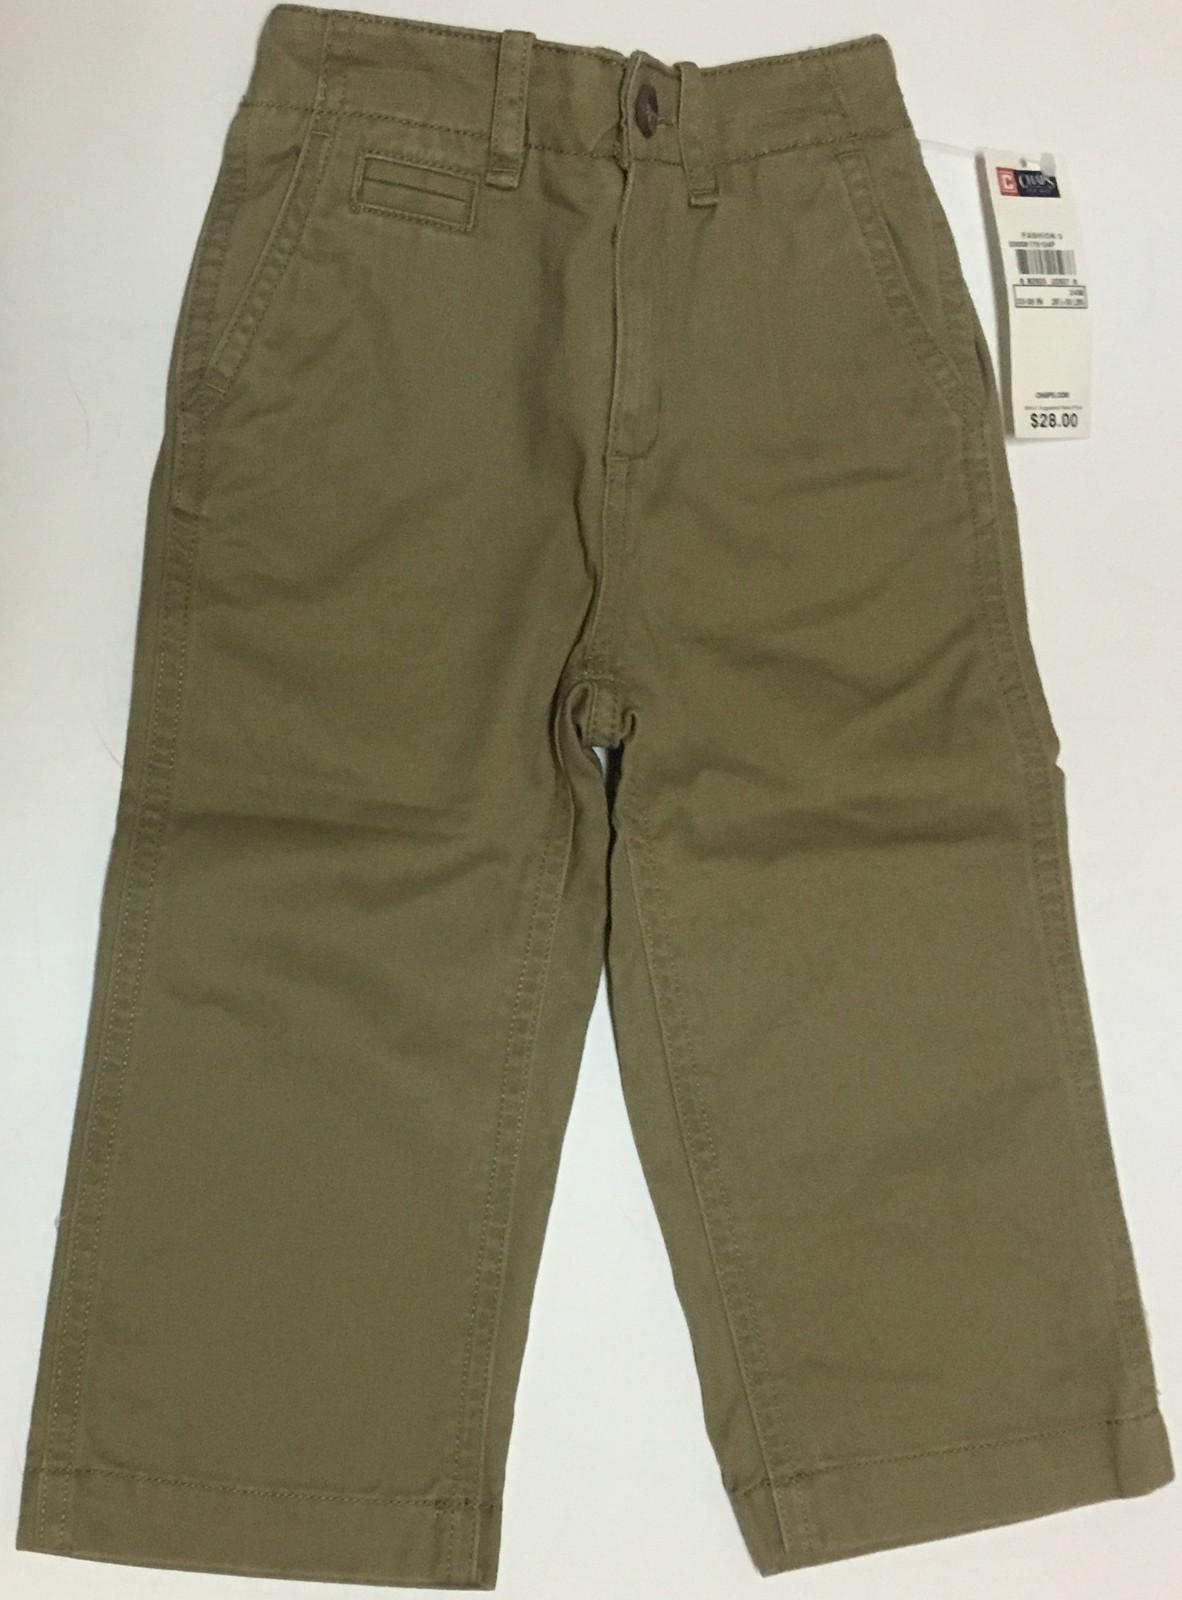 Chaps Brown Khaki Pants Jeans SZ 24 Mo Toddler (28 1/2 - 30 LBS) NWT